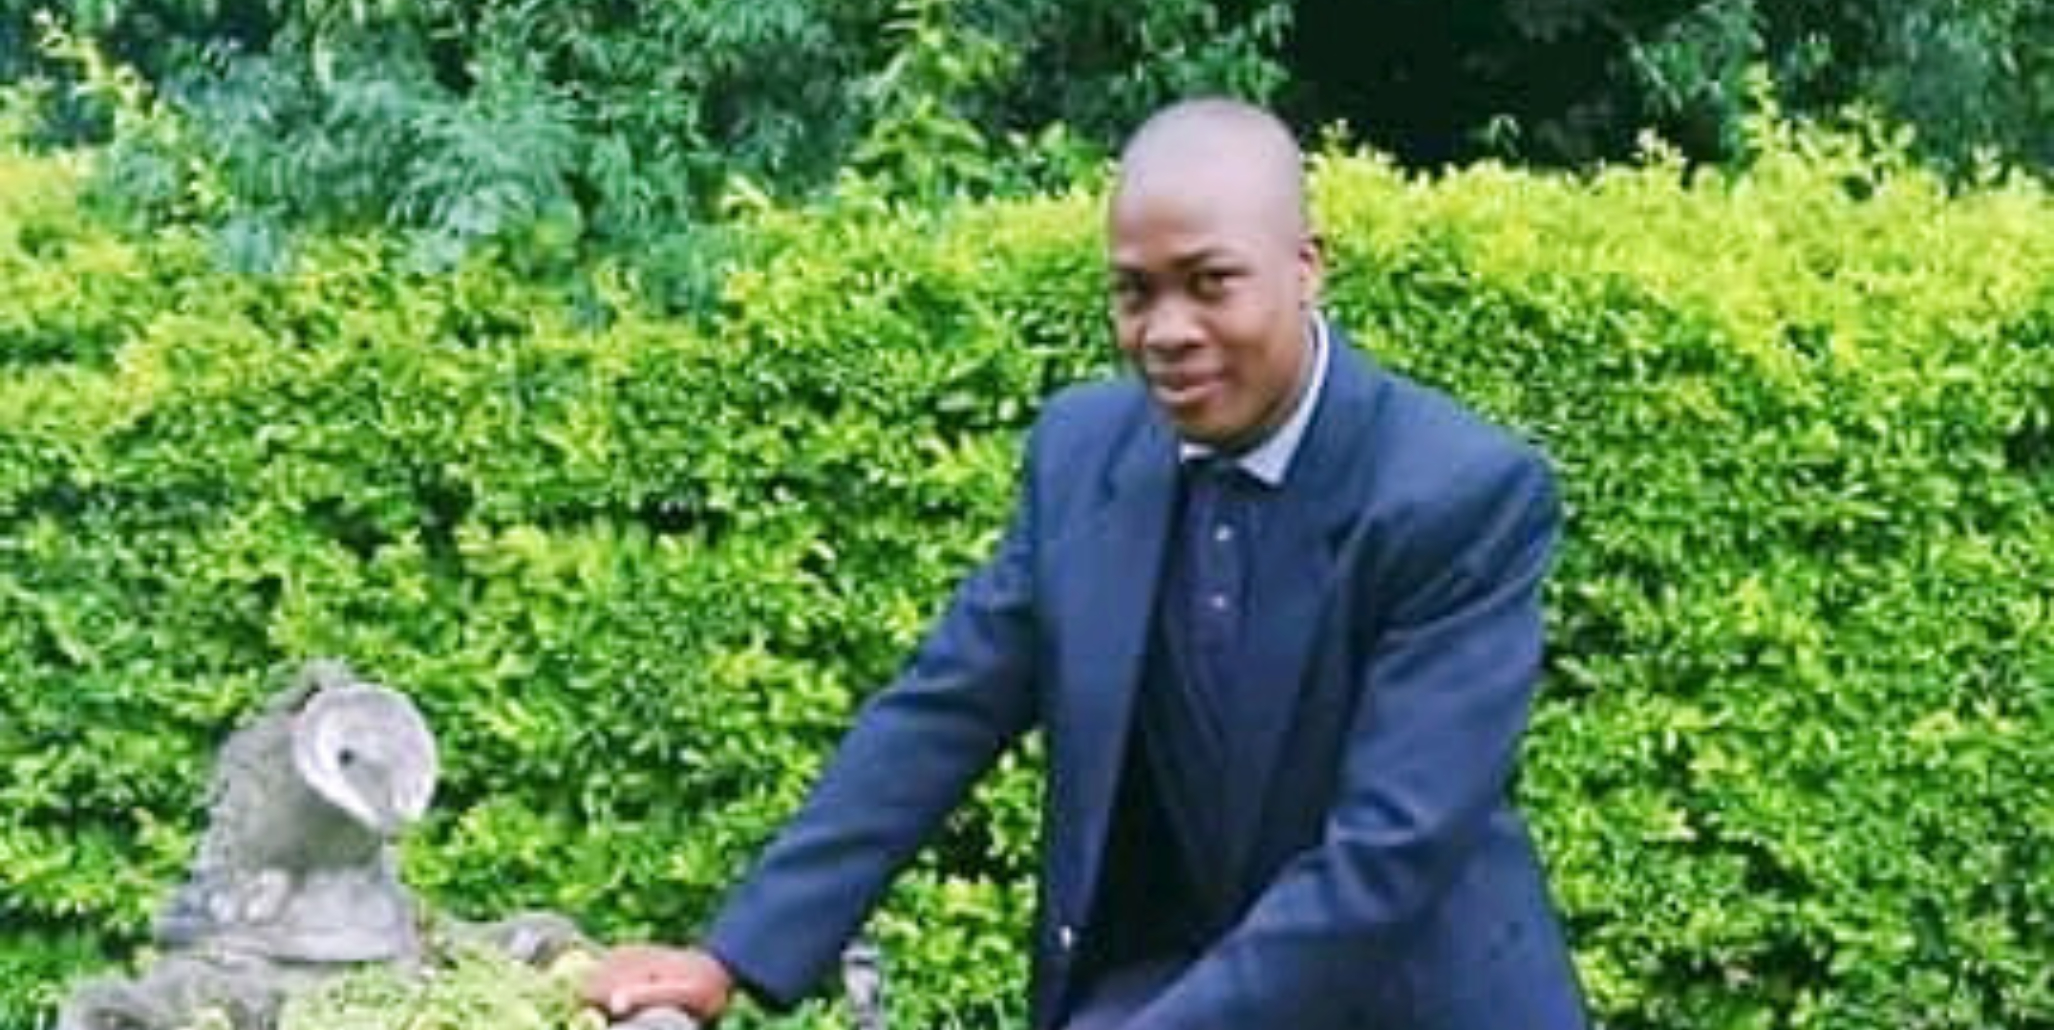 Sthabiso Bhengu